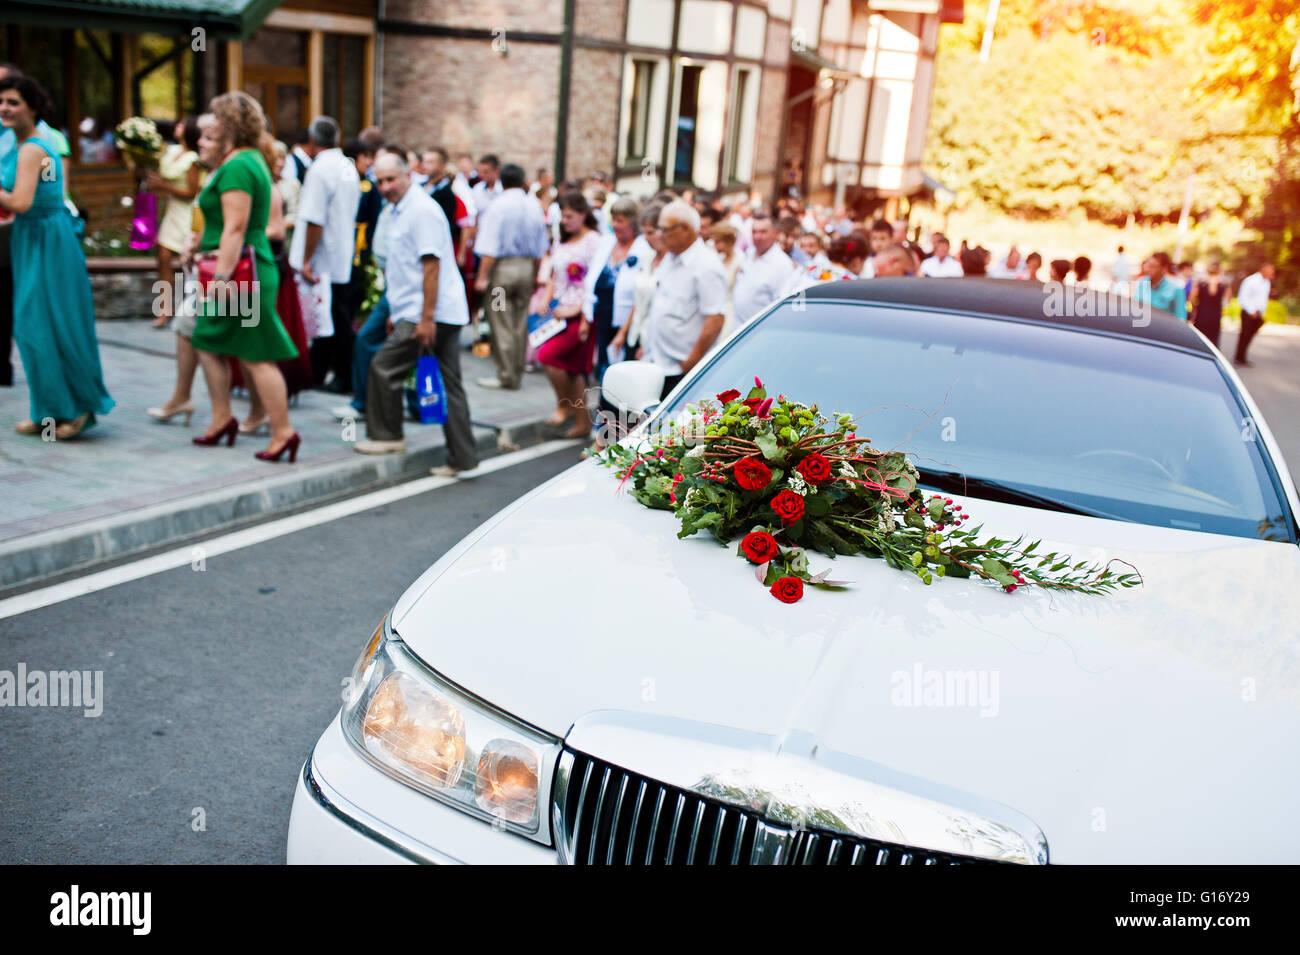 Elegante Weisse Limousine Mit Einem Strauss Blumen Auf Der Motorhaube